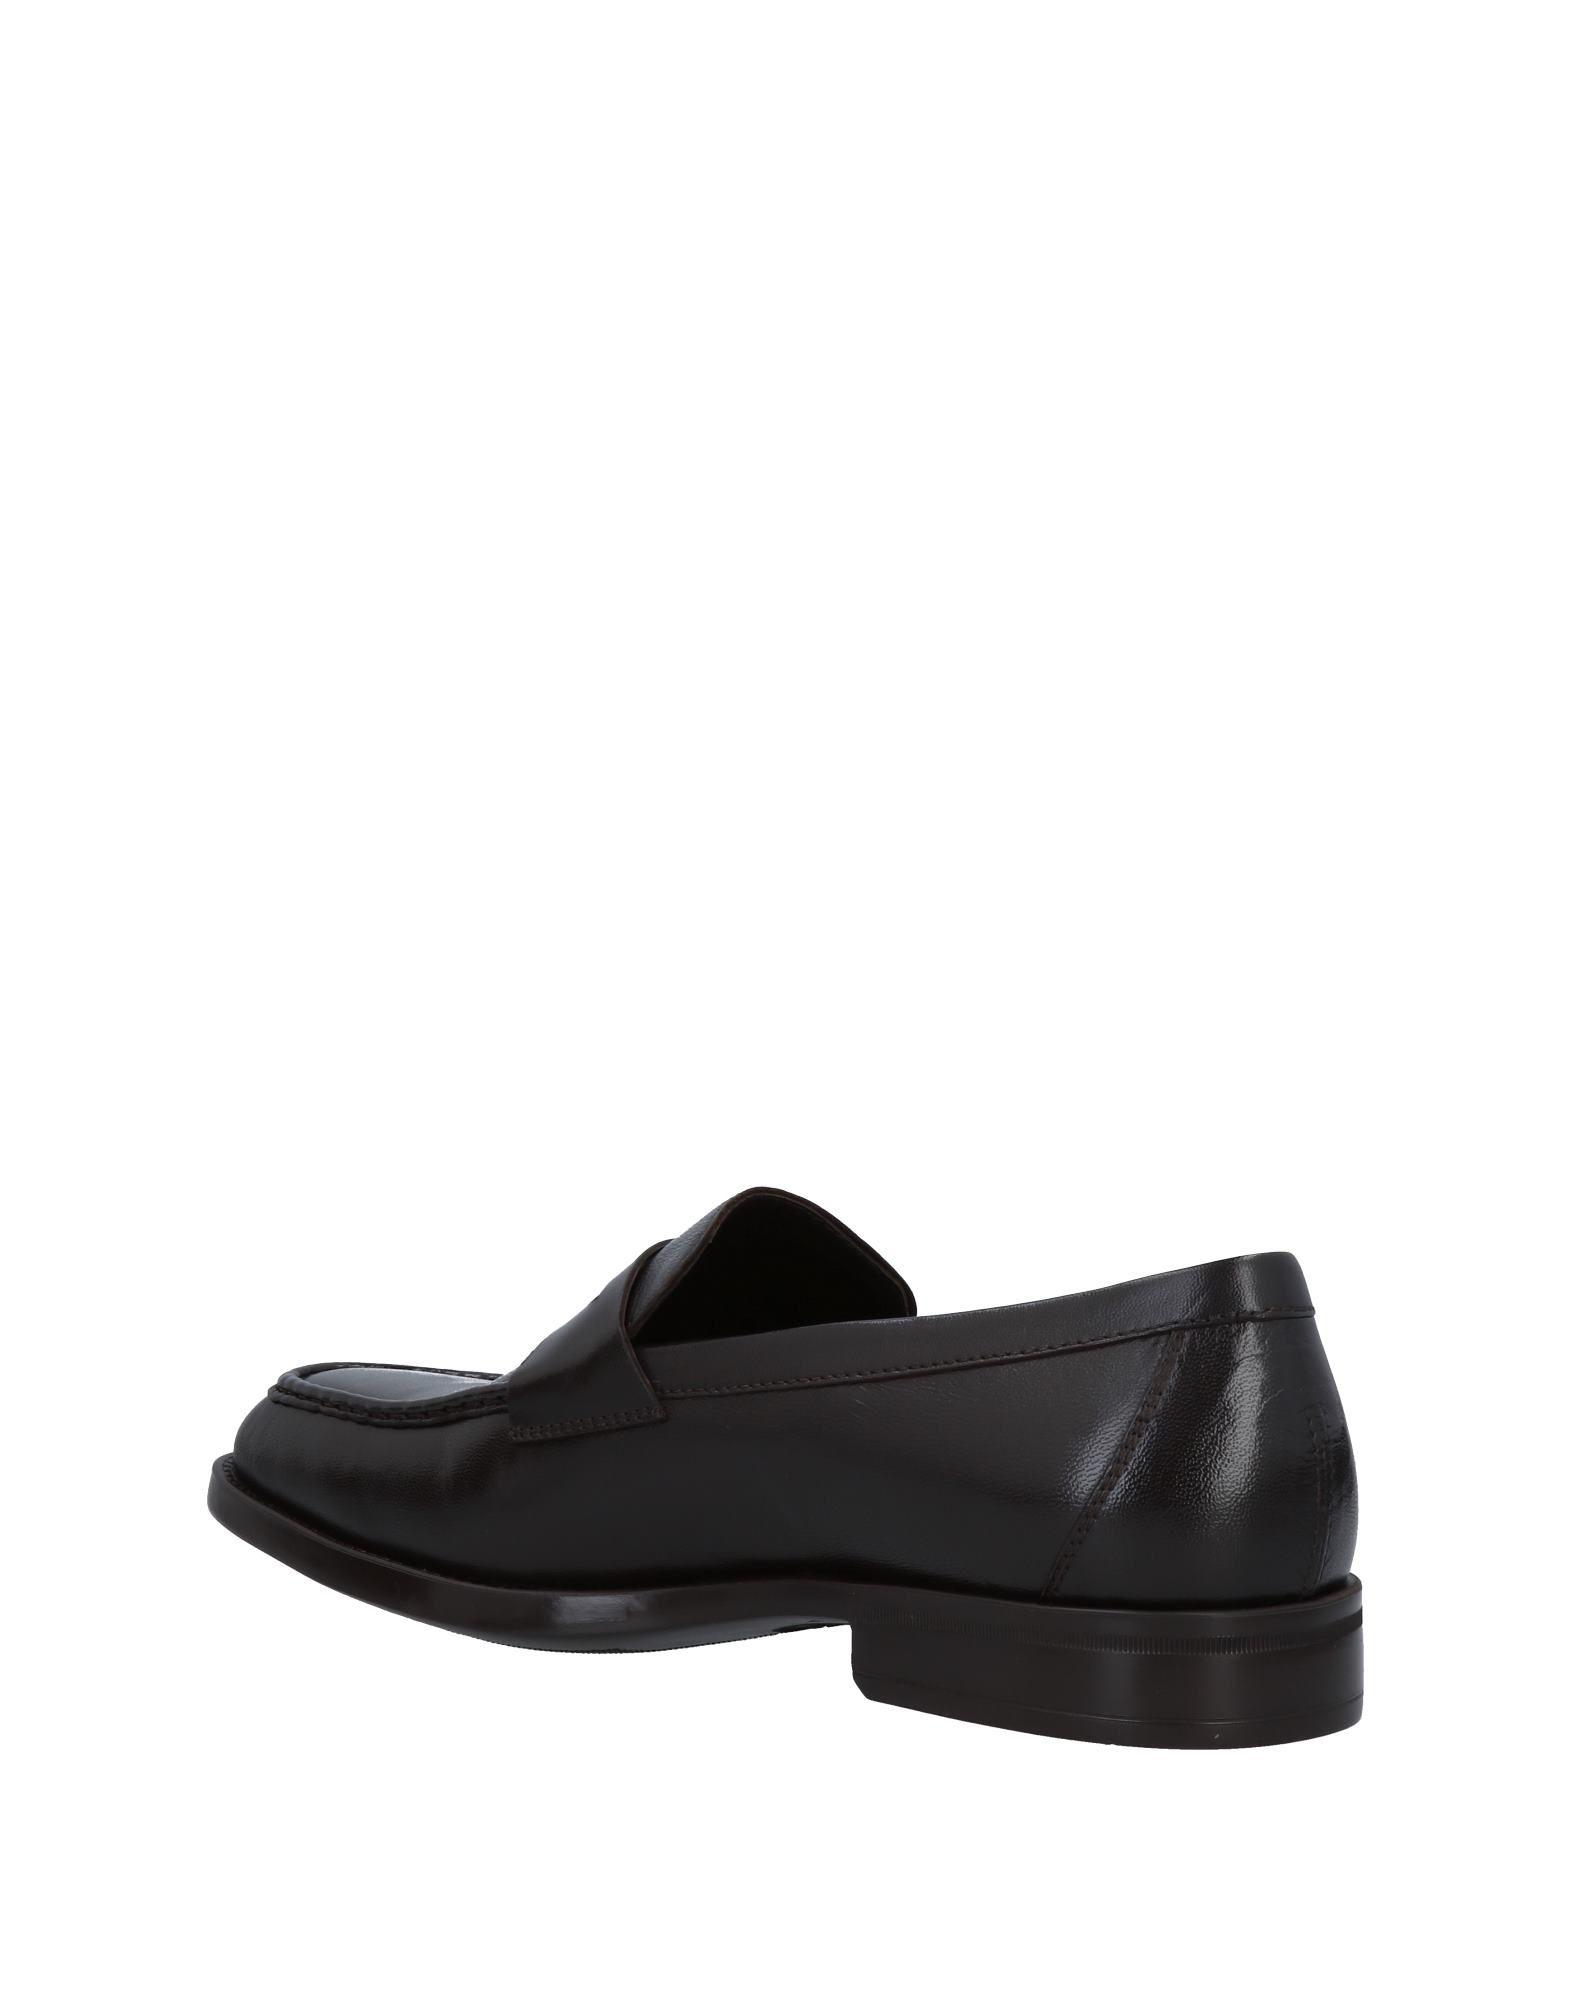 Rabatt Magli echte Schuhe Bruno Magli Rabatt Mokassins Herren  11490671HJ 3c3141